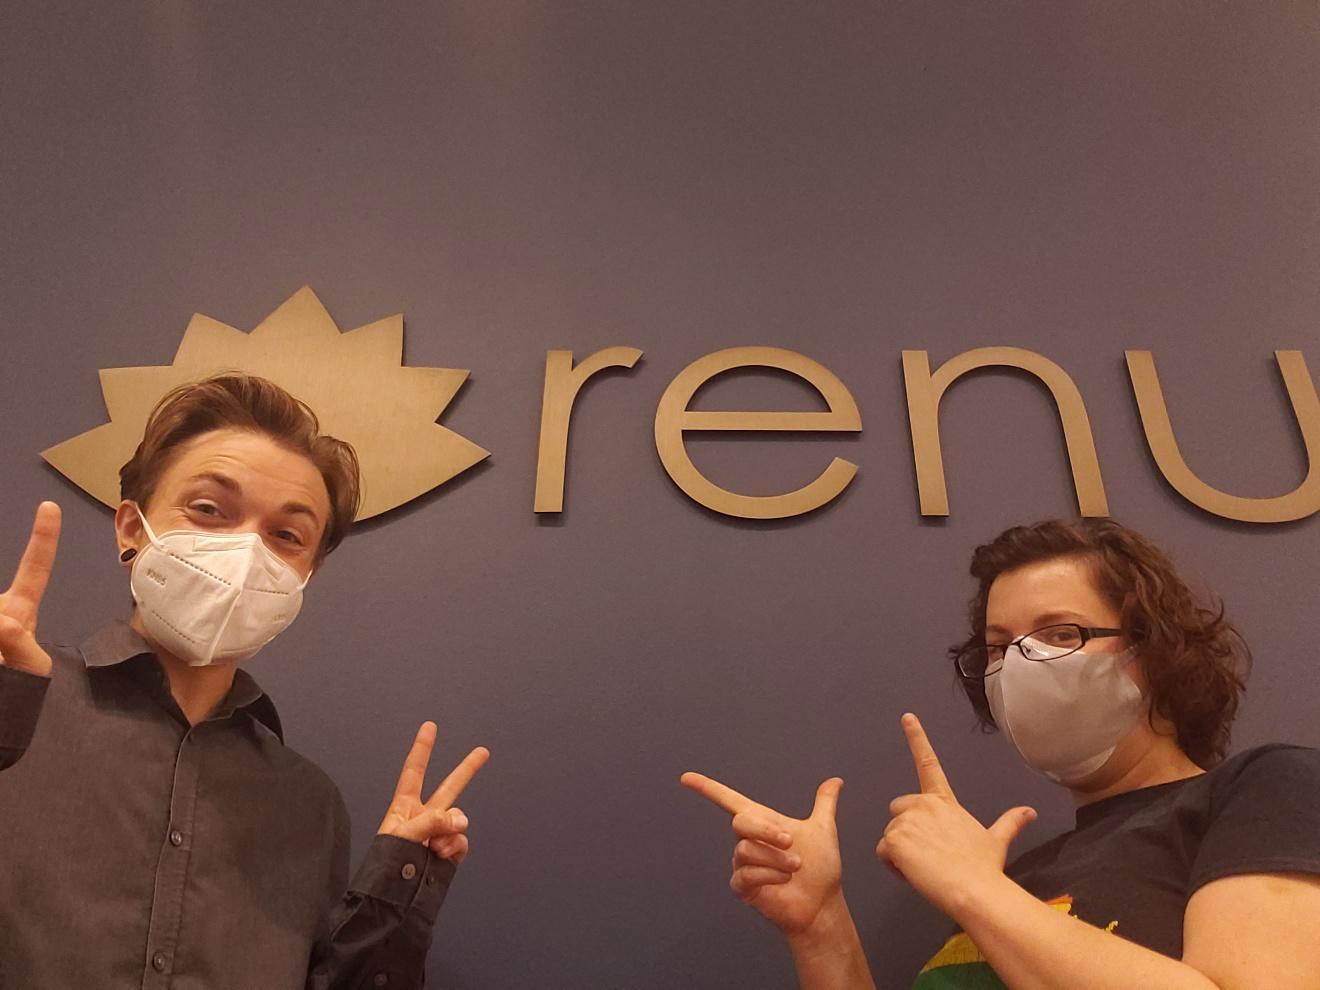 Cy-and-Amanda-fun-pic-at-Renu-front-desk-masked